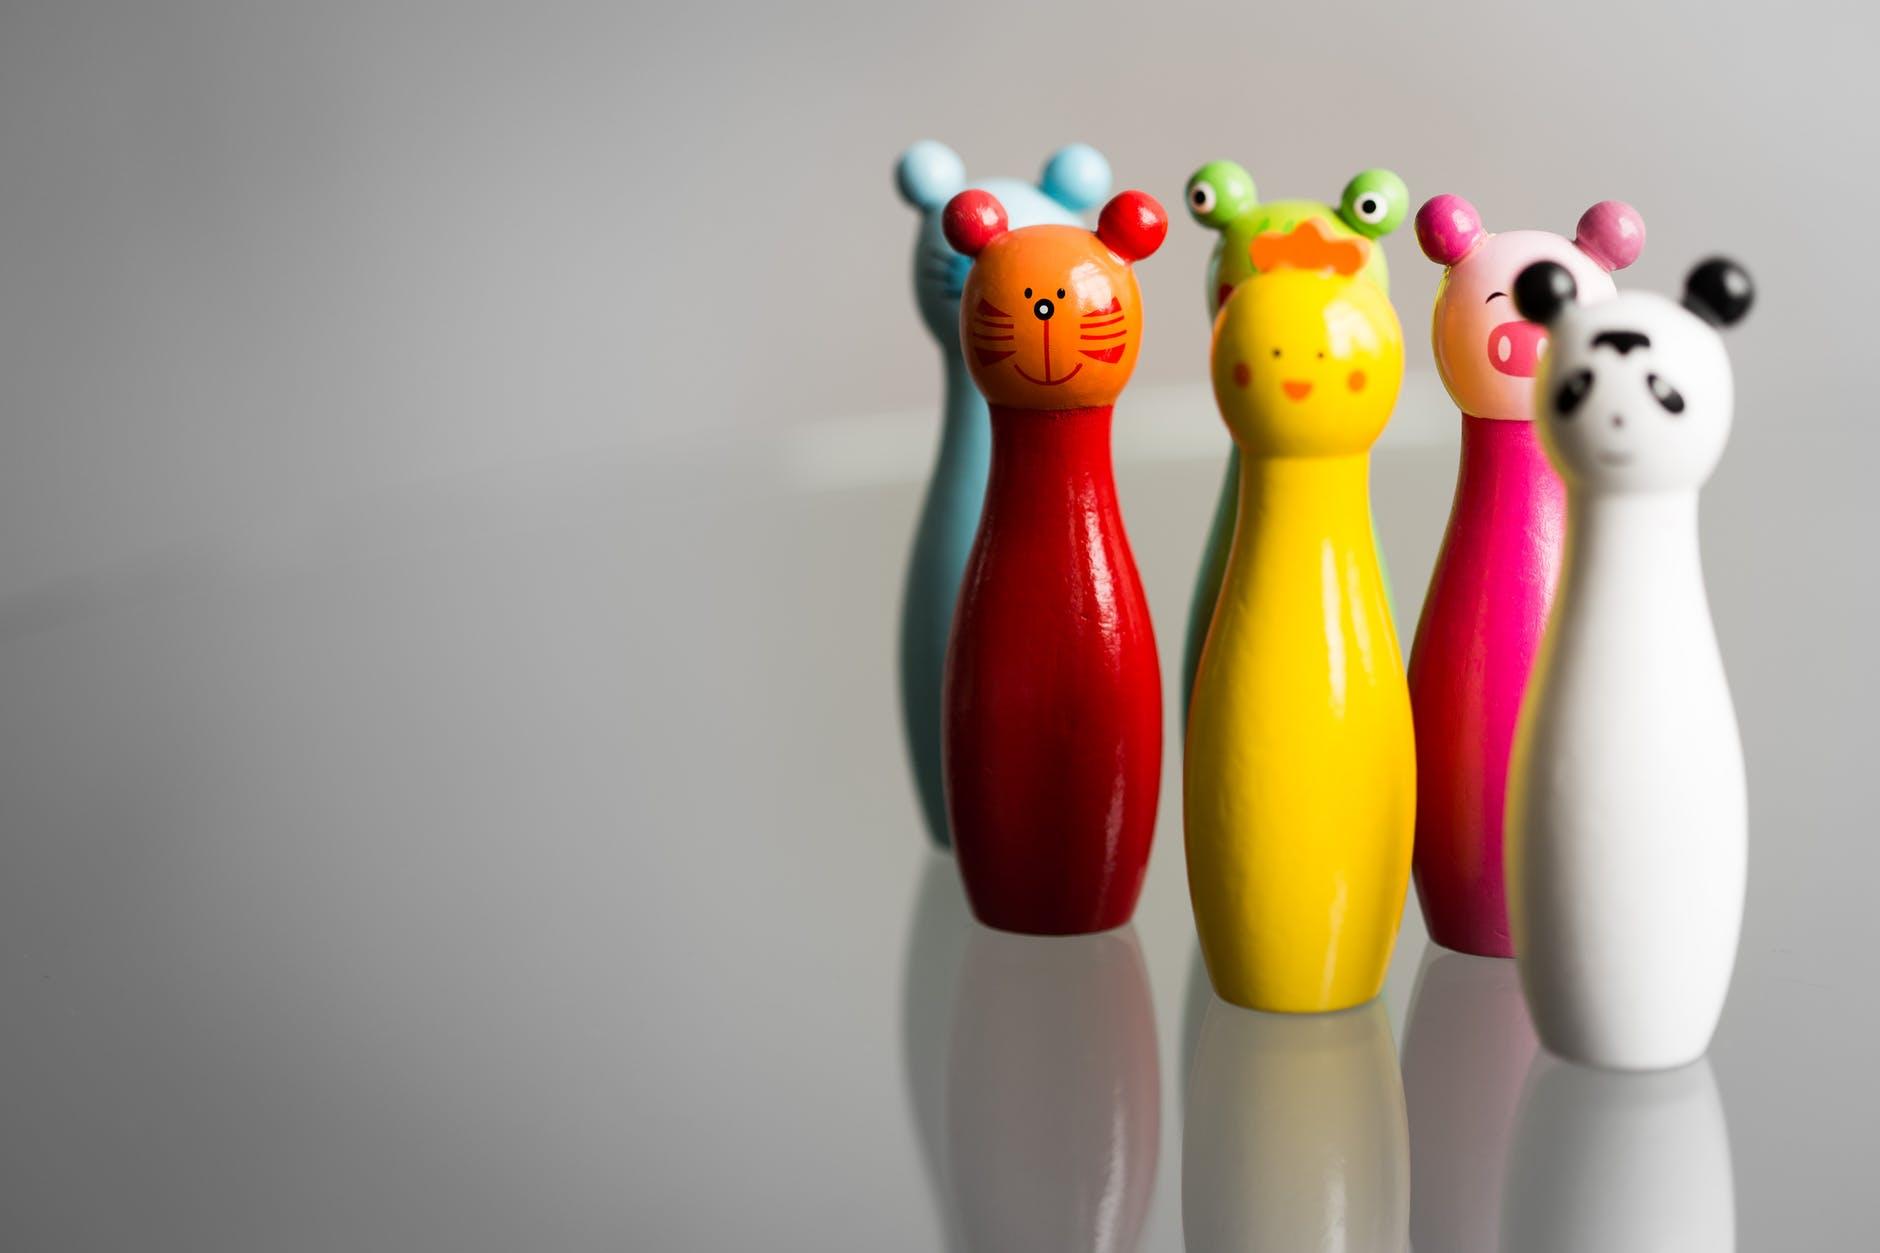 Jouets en bois pour les enfants en forme d'animaux